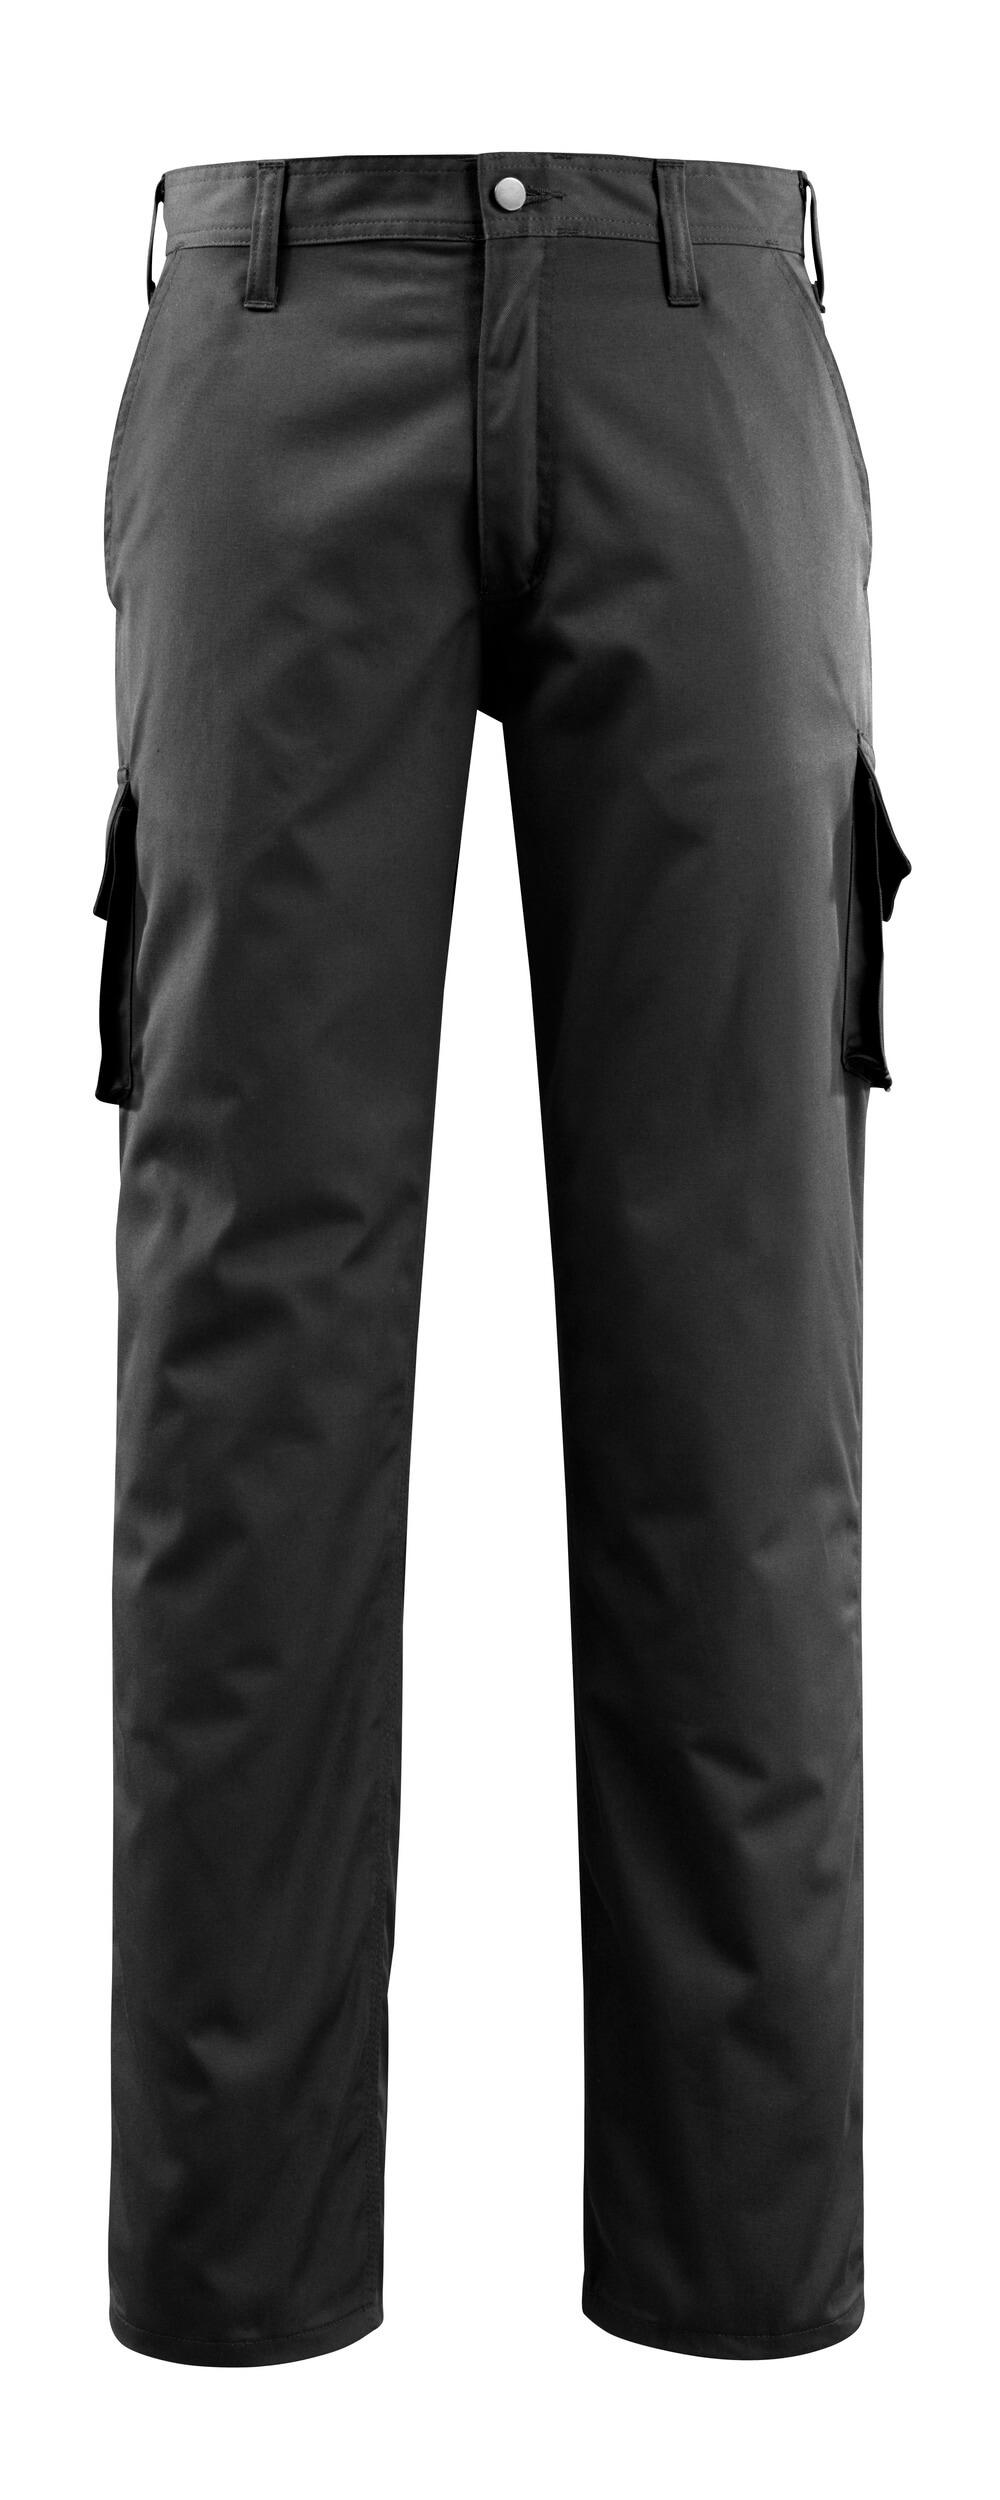 14779-850-09 Pantalones con bolsillos de muslo - negro